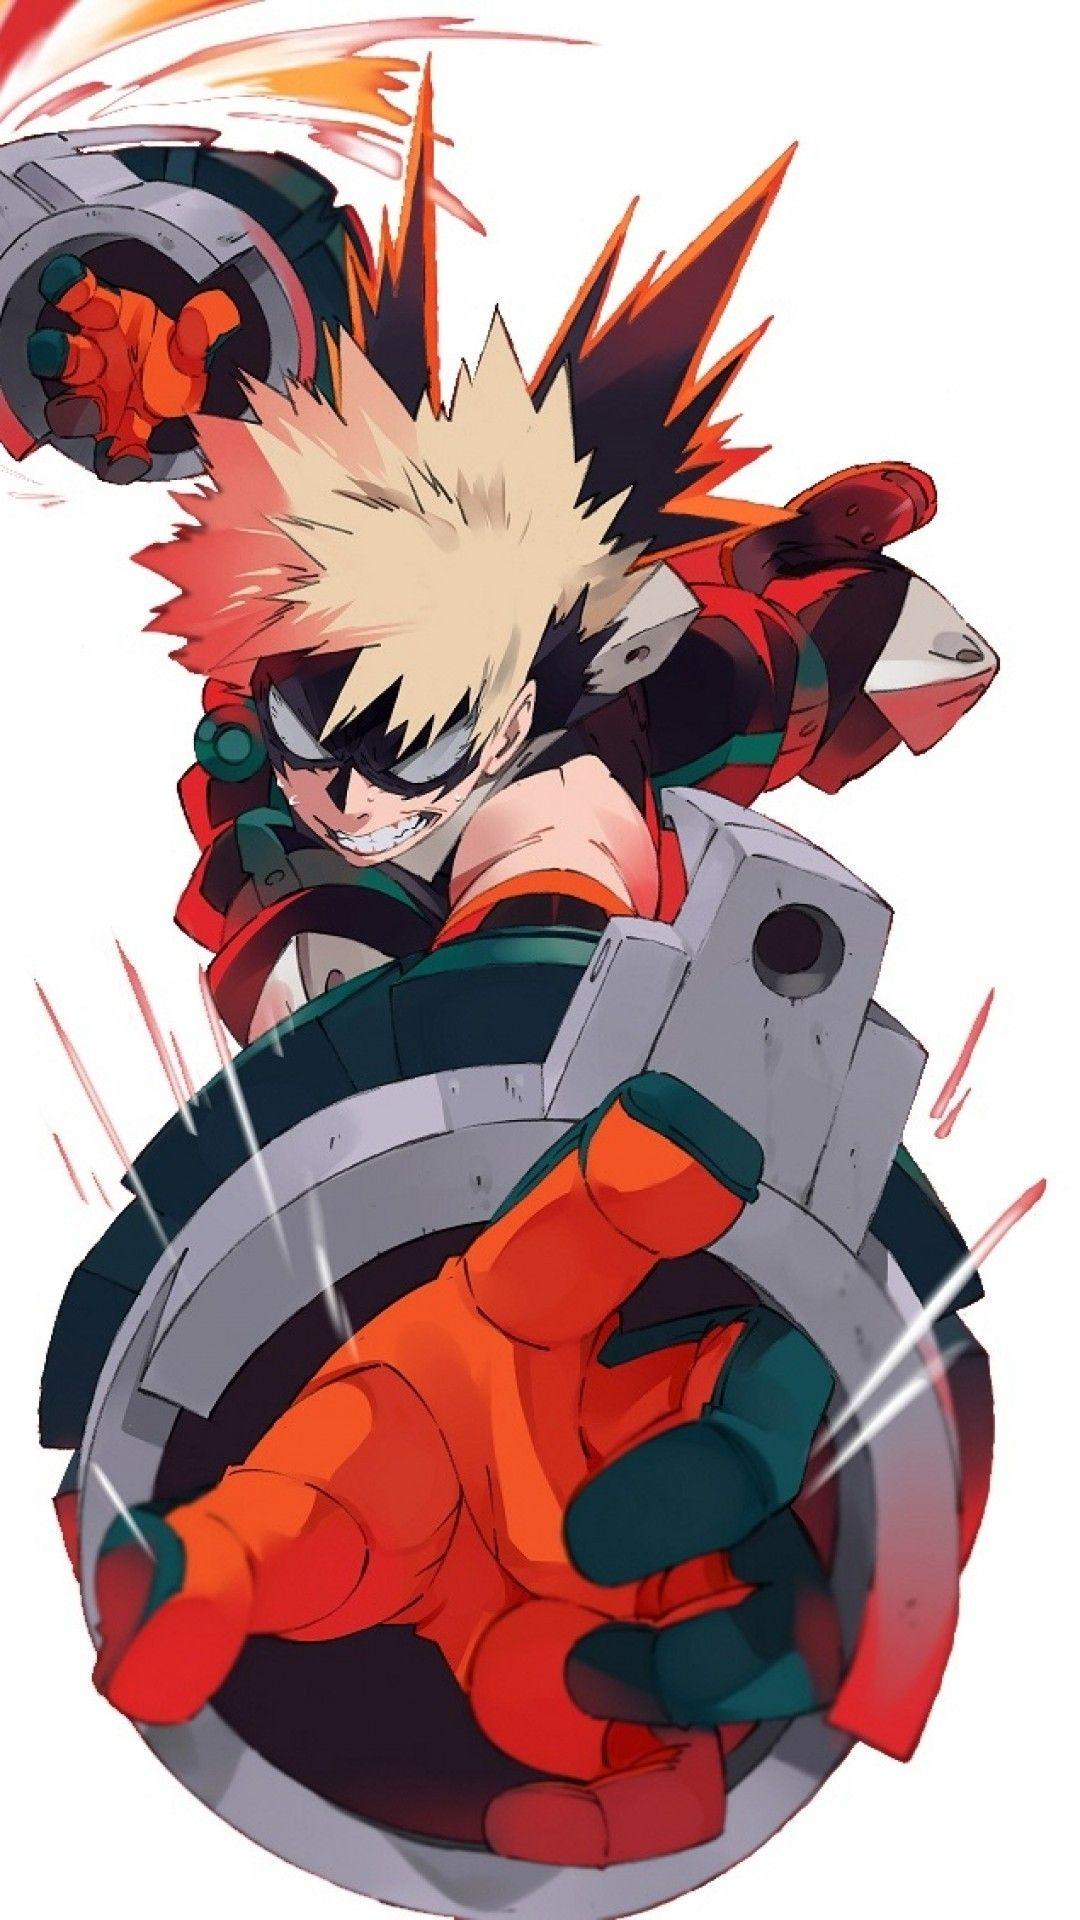 Hero Academy Bakuga